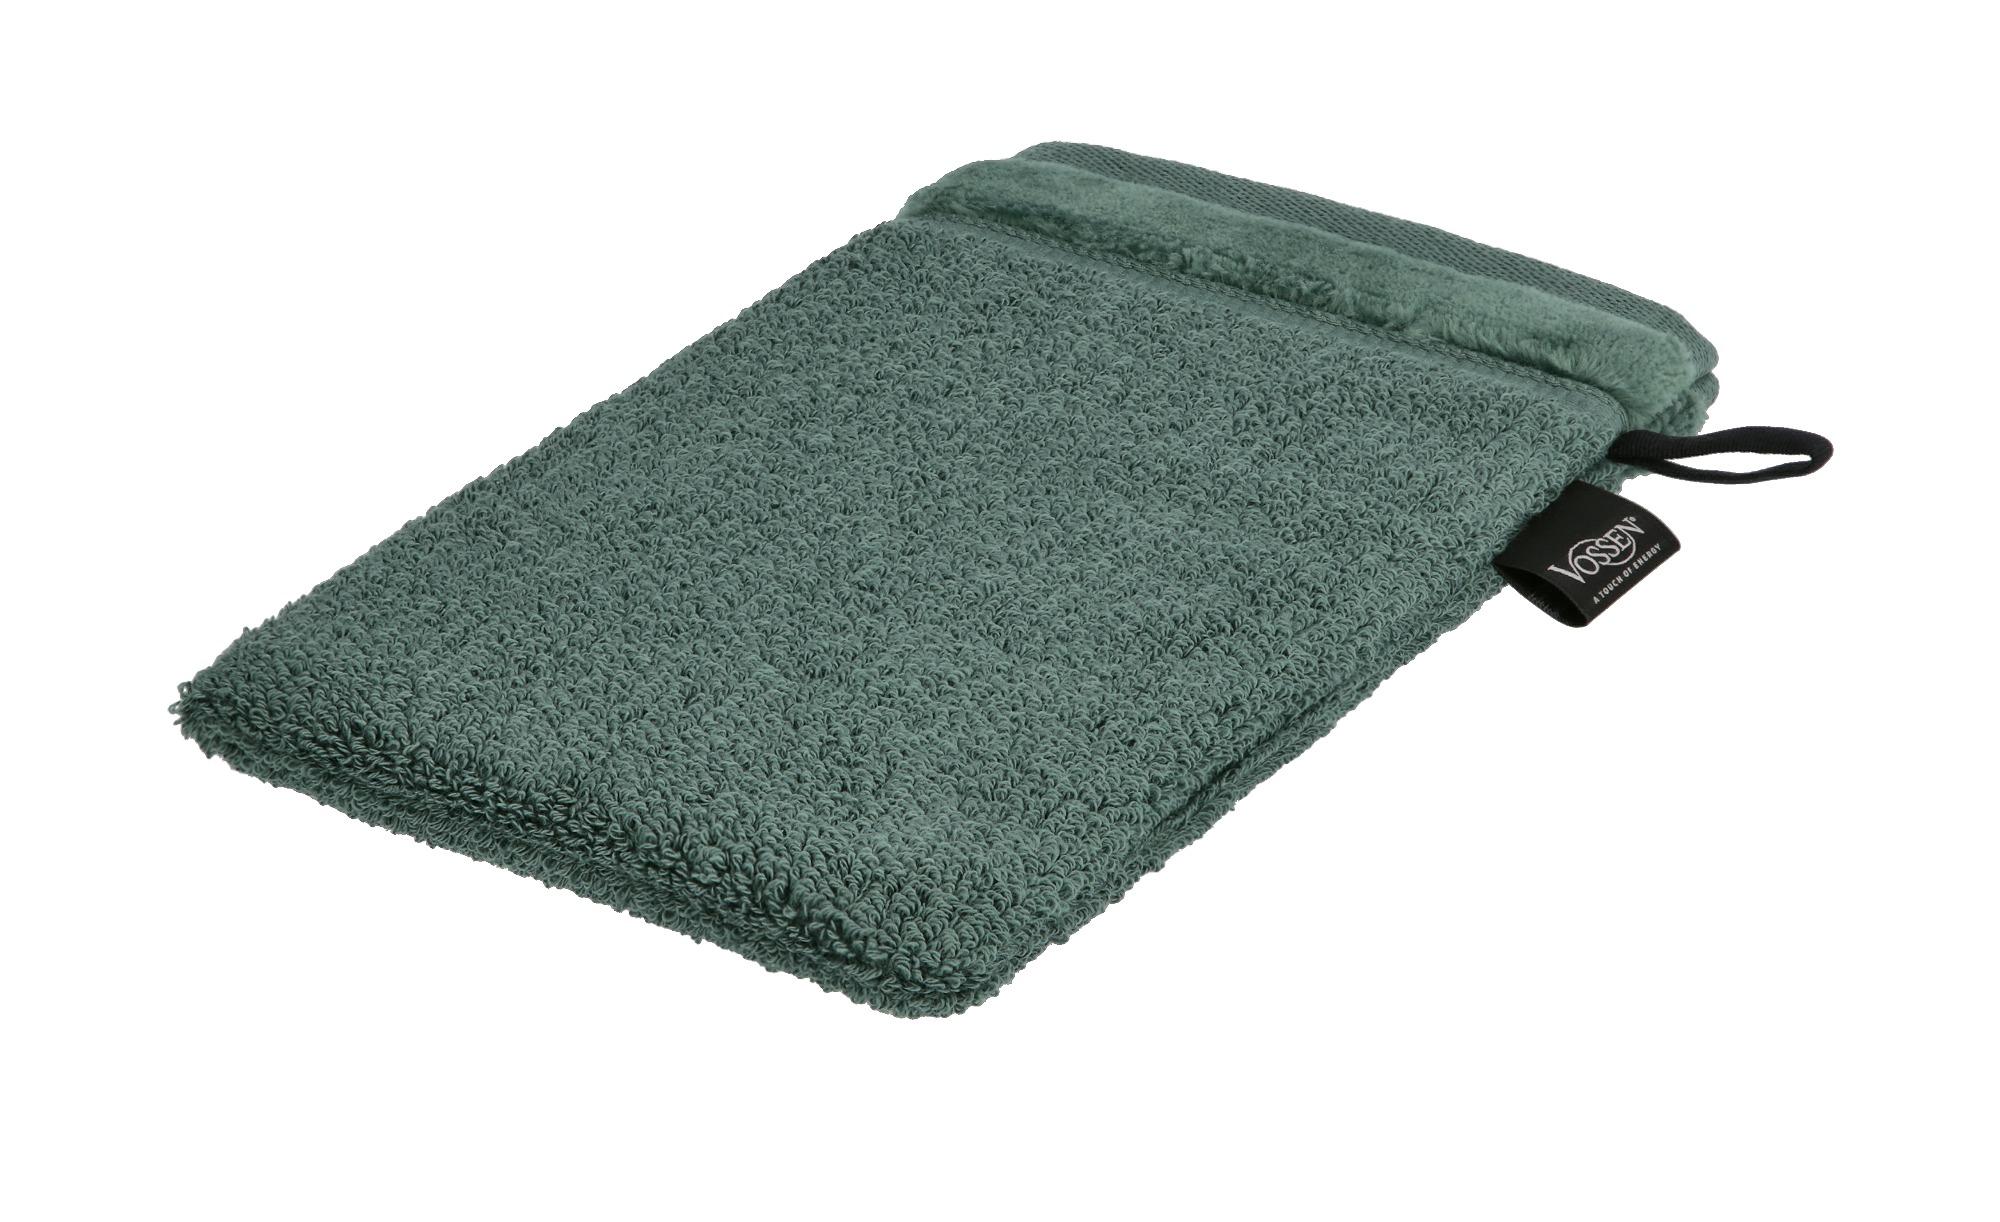 VOSSEN Waschhandschuh  Pure ¦ grün ¦ 100% Bio-Baumwolle ¦ Maße (cm): B: 16 Badtextilien und Zubehör > Handtücher & Badetücher > Handtücher - Höffner